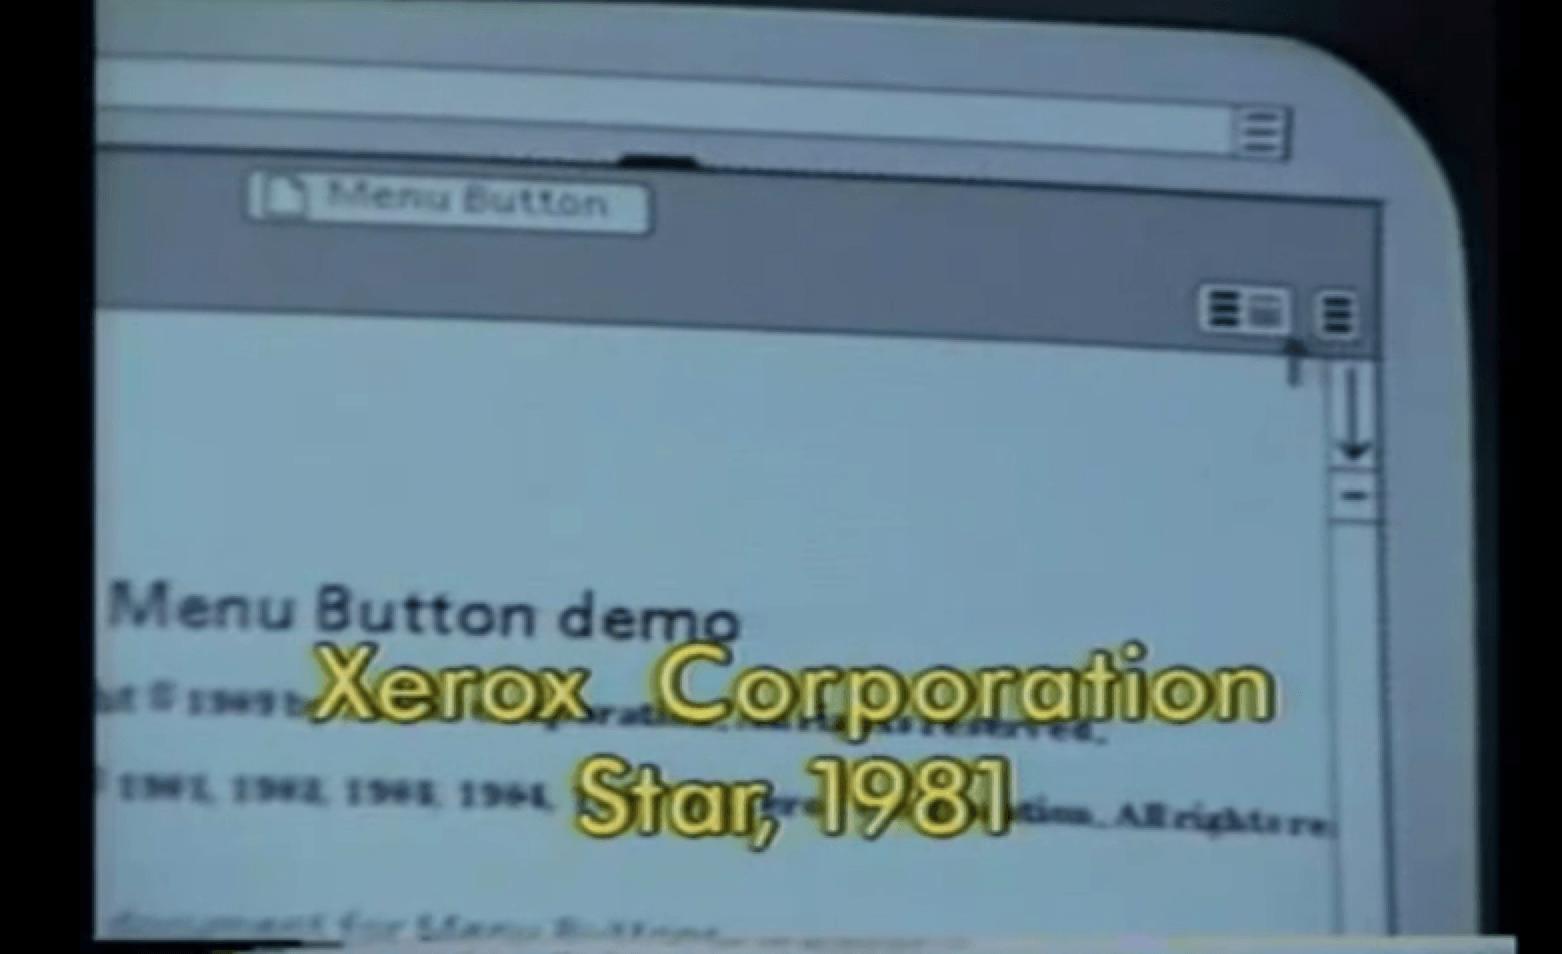 xerox-menu